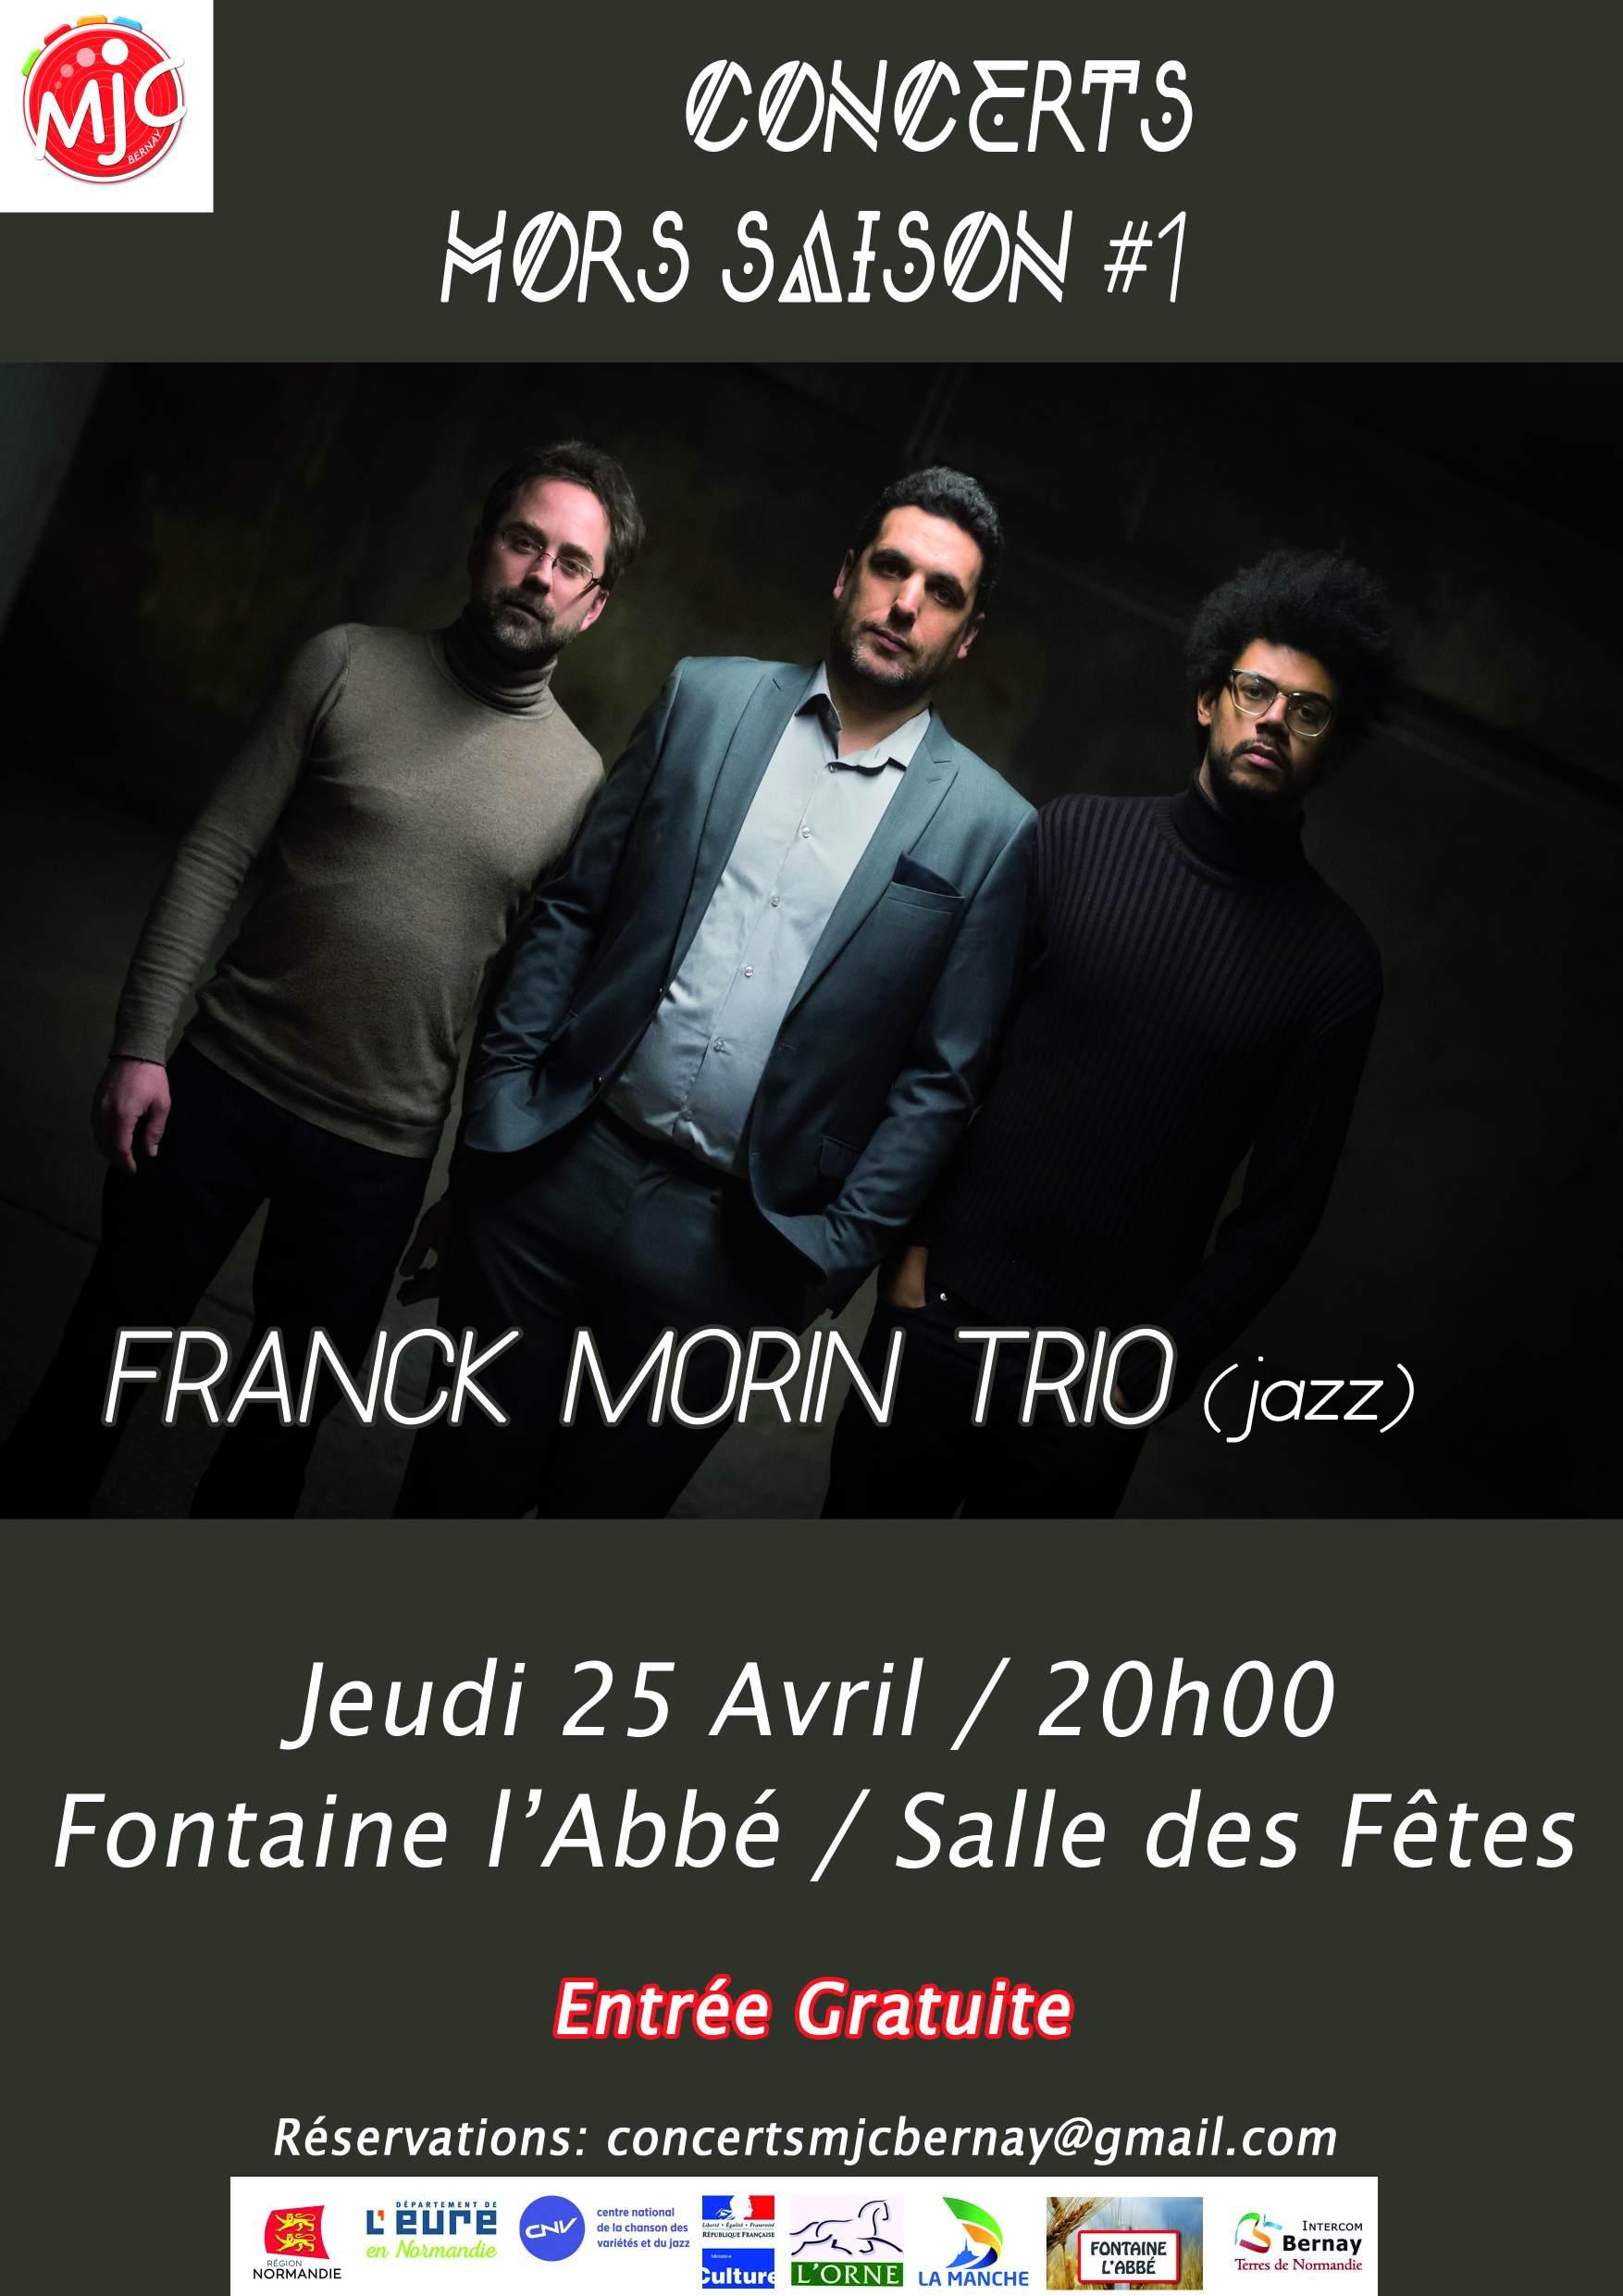 concert Mjc Franck morin trio 25 avril